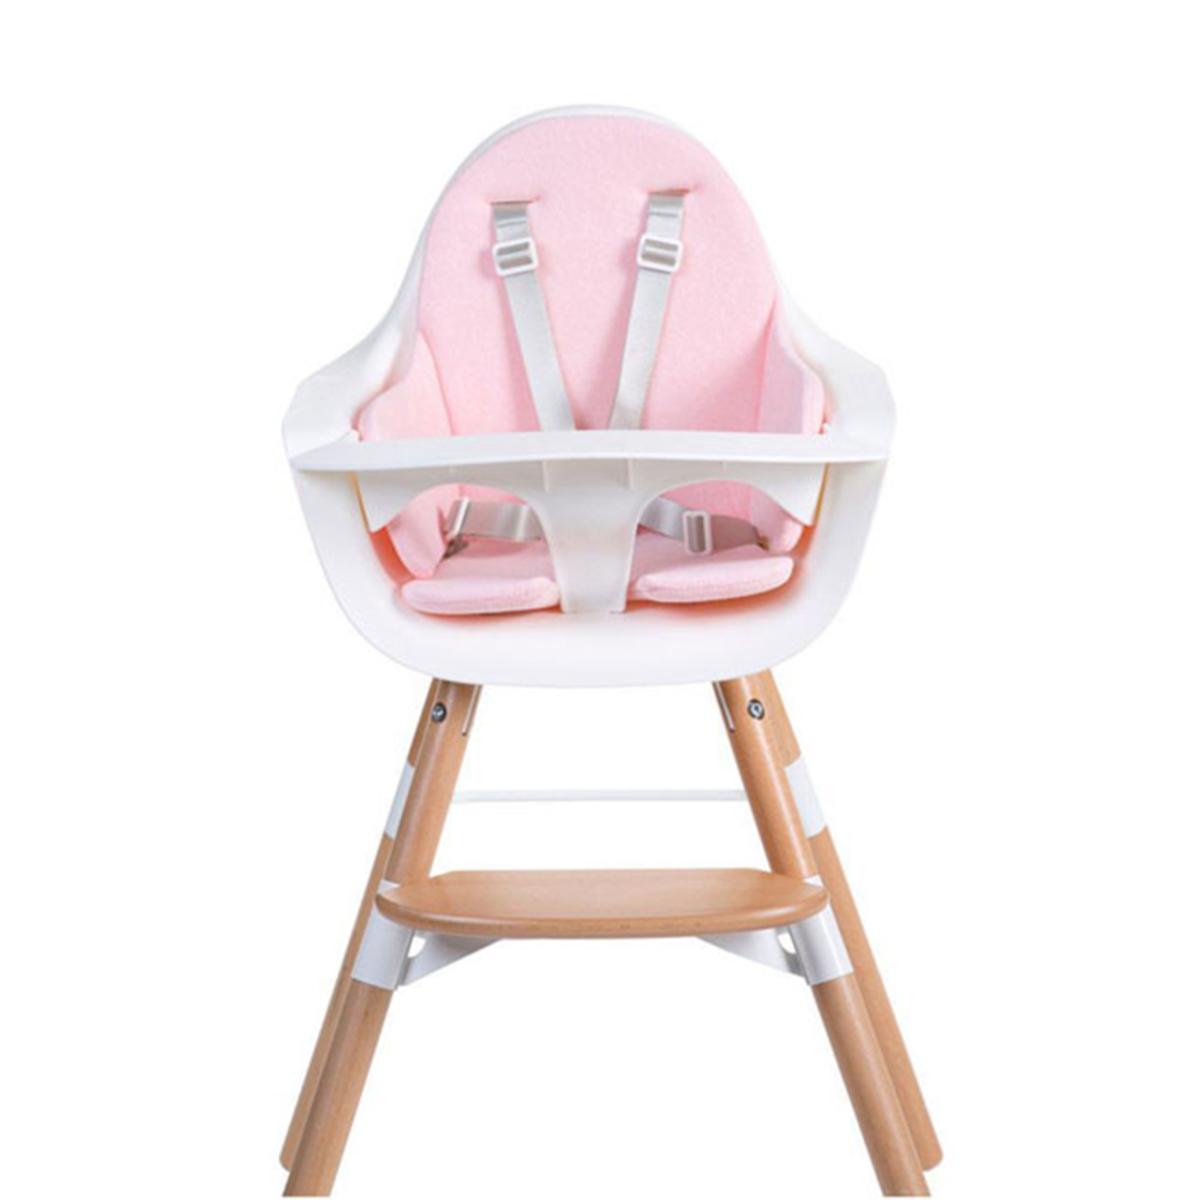 Chaise haute Coussin de Chaise Haute Eponge - Old Pink Coussin de Chaise Haute Eponge - Old Pink